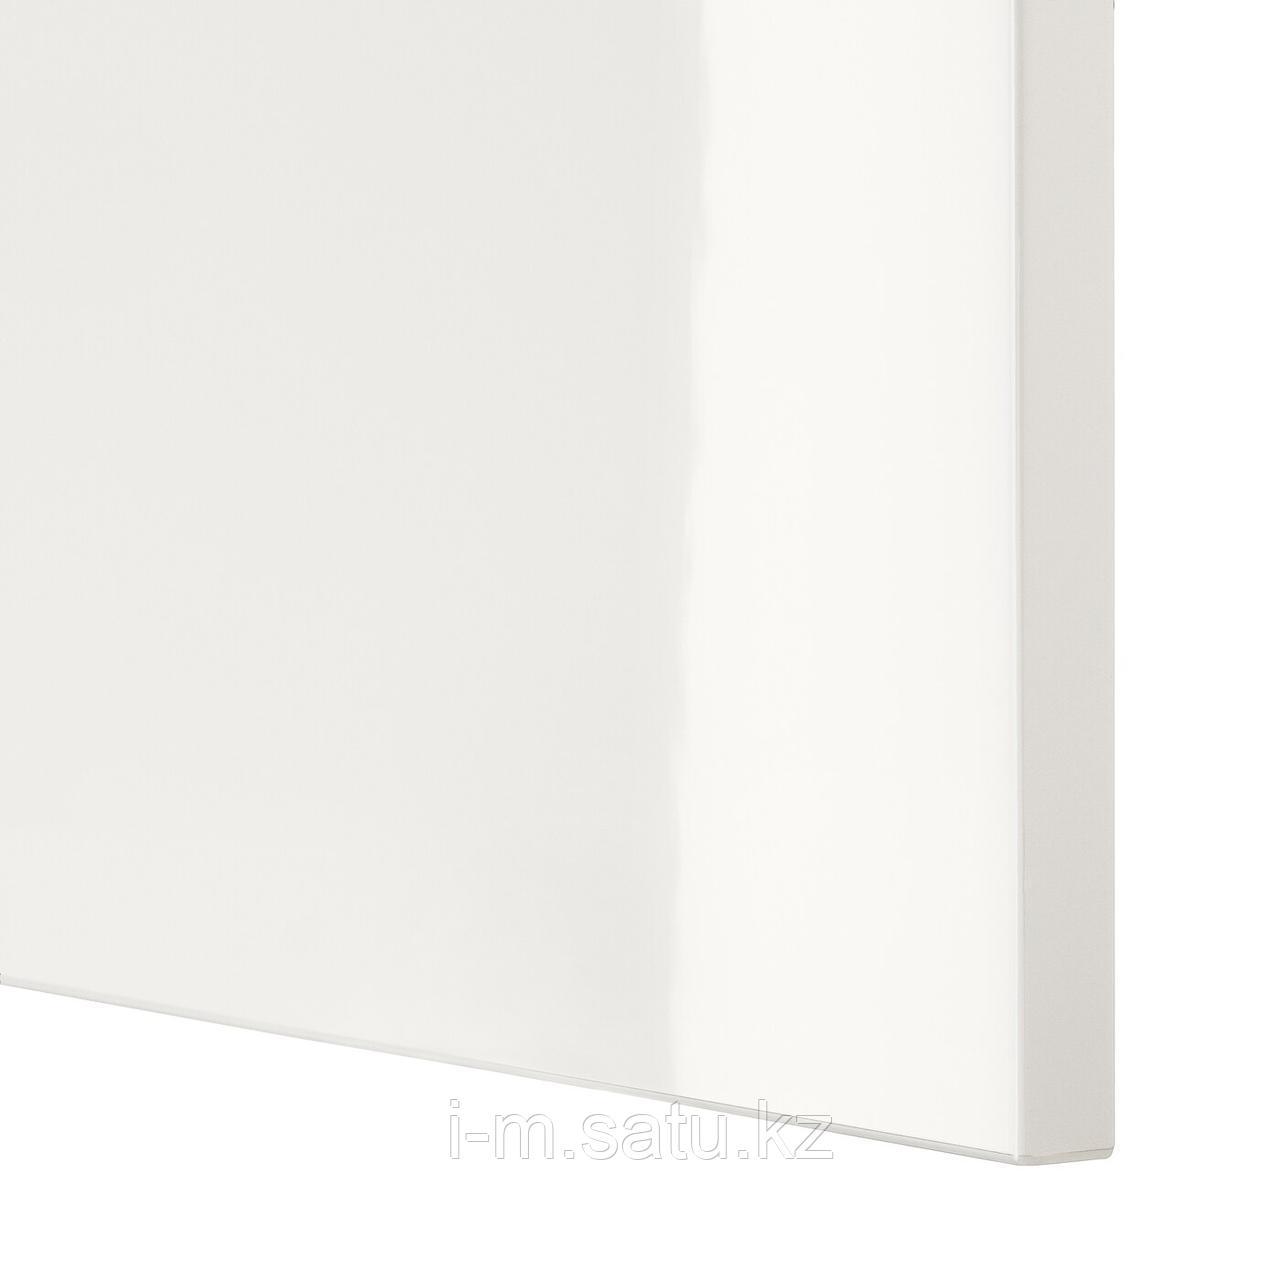 СЕЛЬСВИКЕН Дверь/фронтальная панель ящика, глянцевый белый, 60x38 см